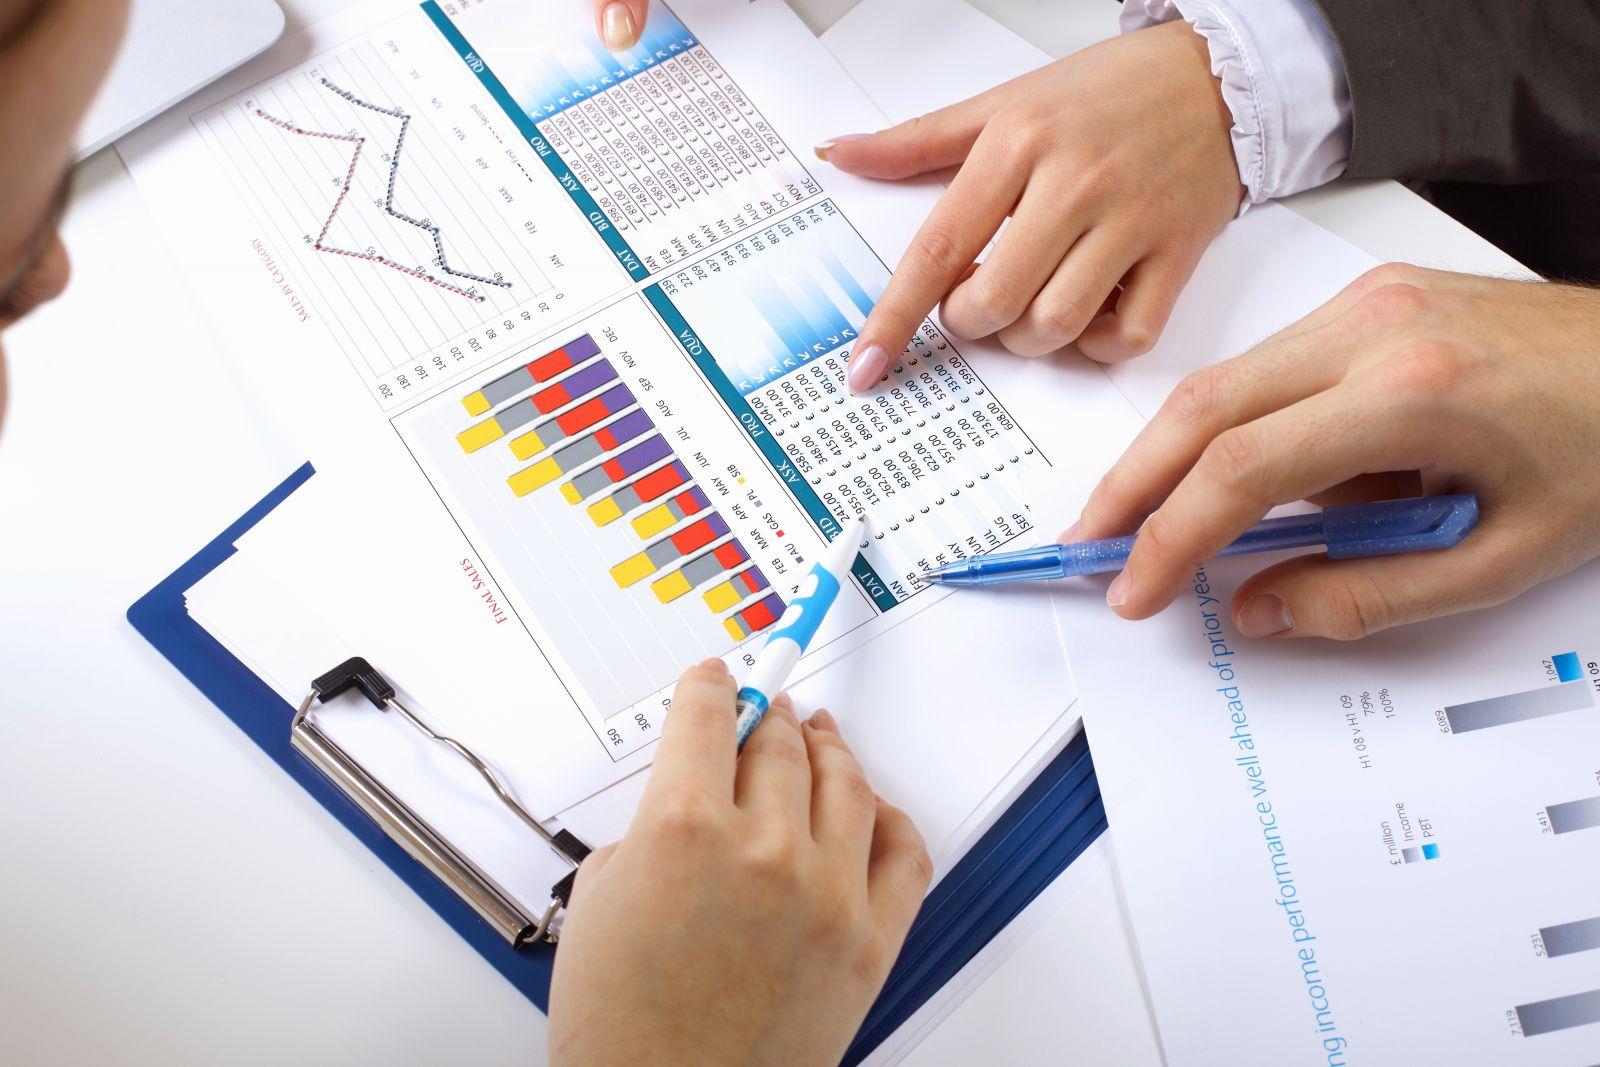 دراسة الجدوى الإقتصادية للمشروعات بإستخدام برنامج Microsoft project